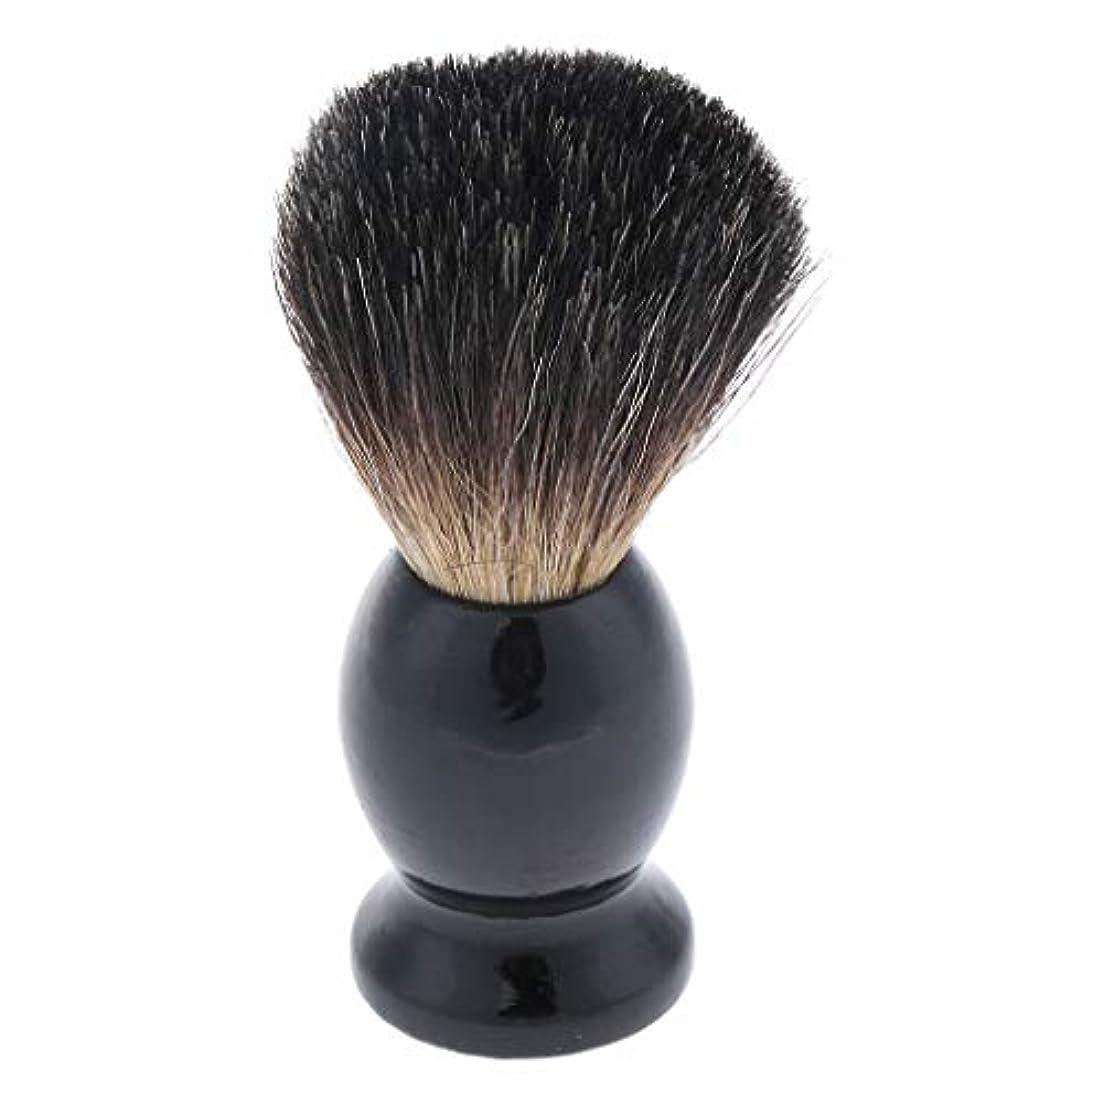 巨大やがて力シェービングブラシ メンズ ひげブラシ 髭剃りブラシ 木製ハンドル 泡立ち 理容